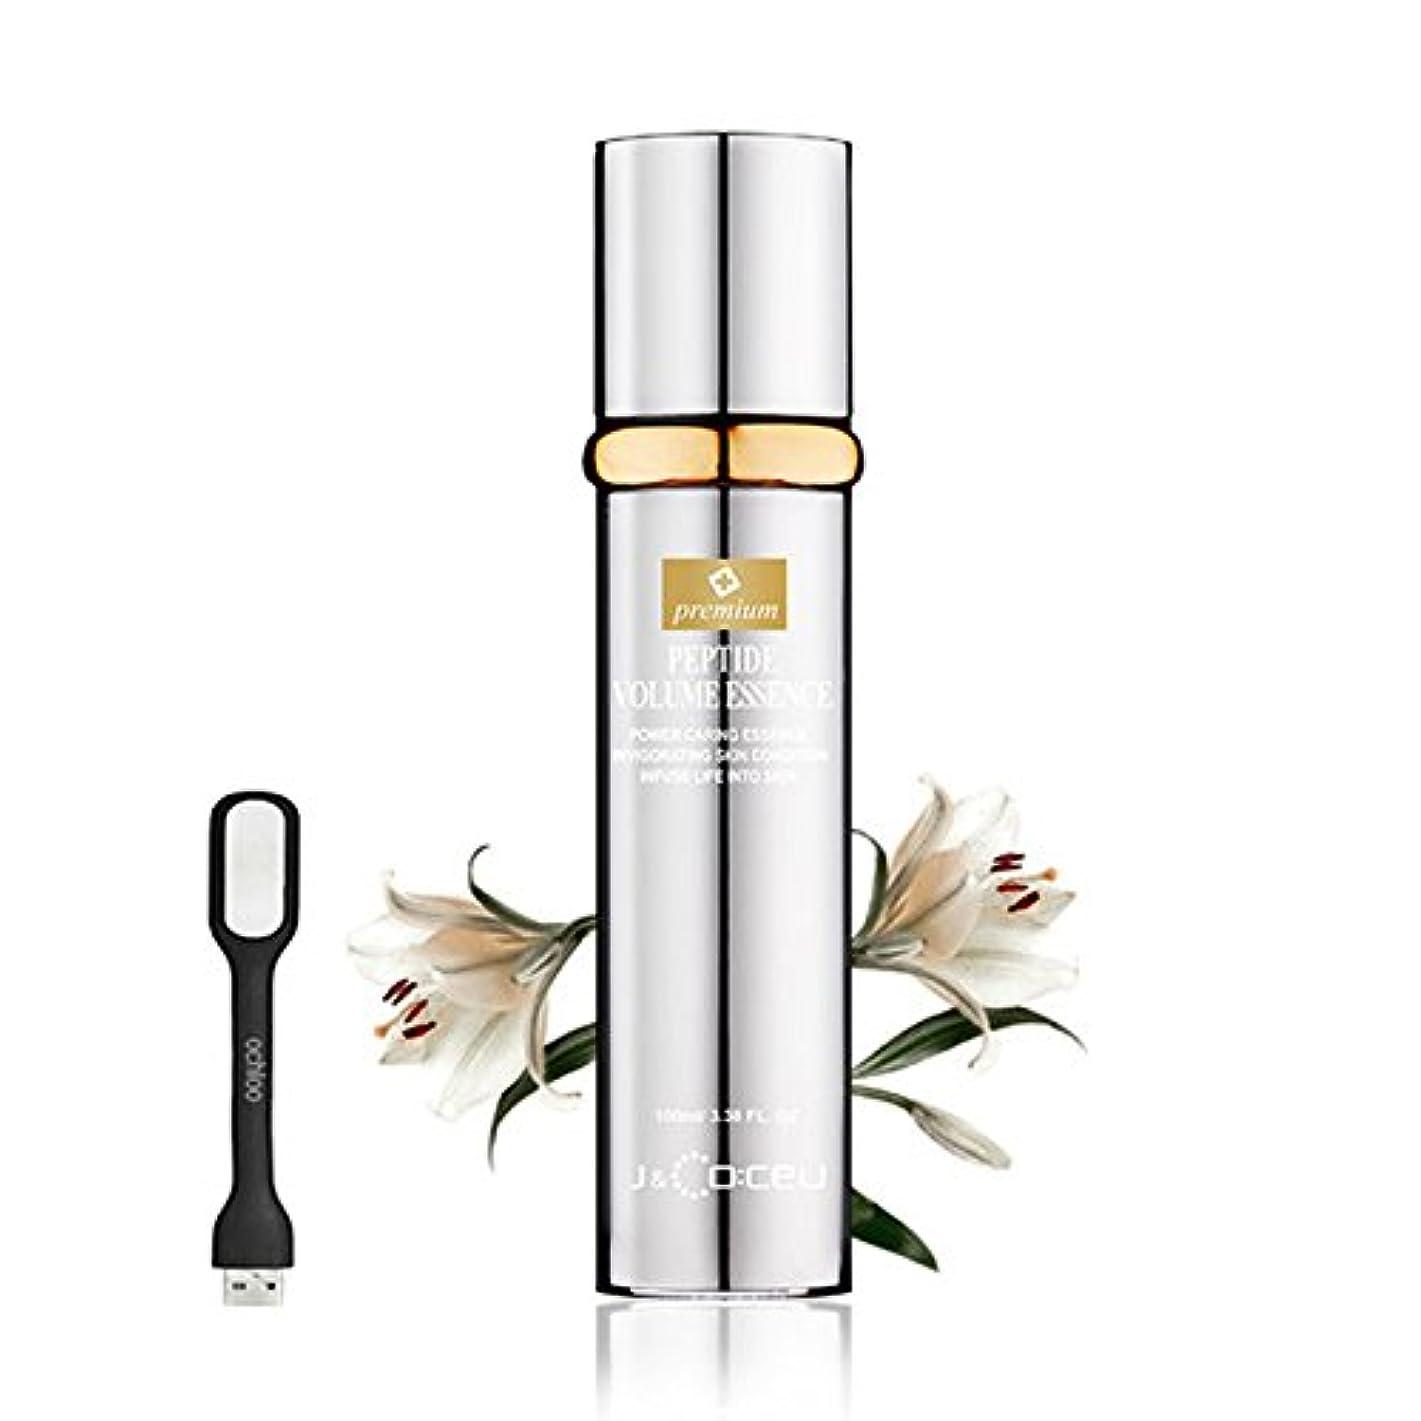 助言供給召喚するPremium Peptide Volume Essence 100ml: Upgraded Cosmetic Botox Anti-Wrinkle Essence All in One Wrinkle-care Firming...